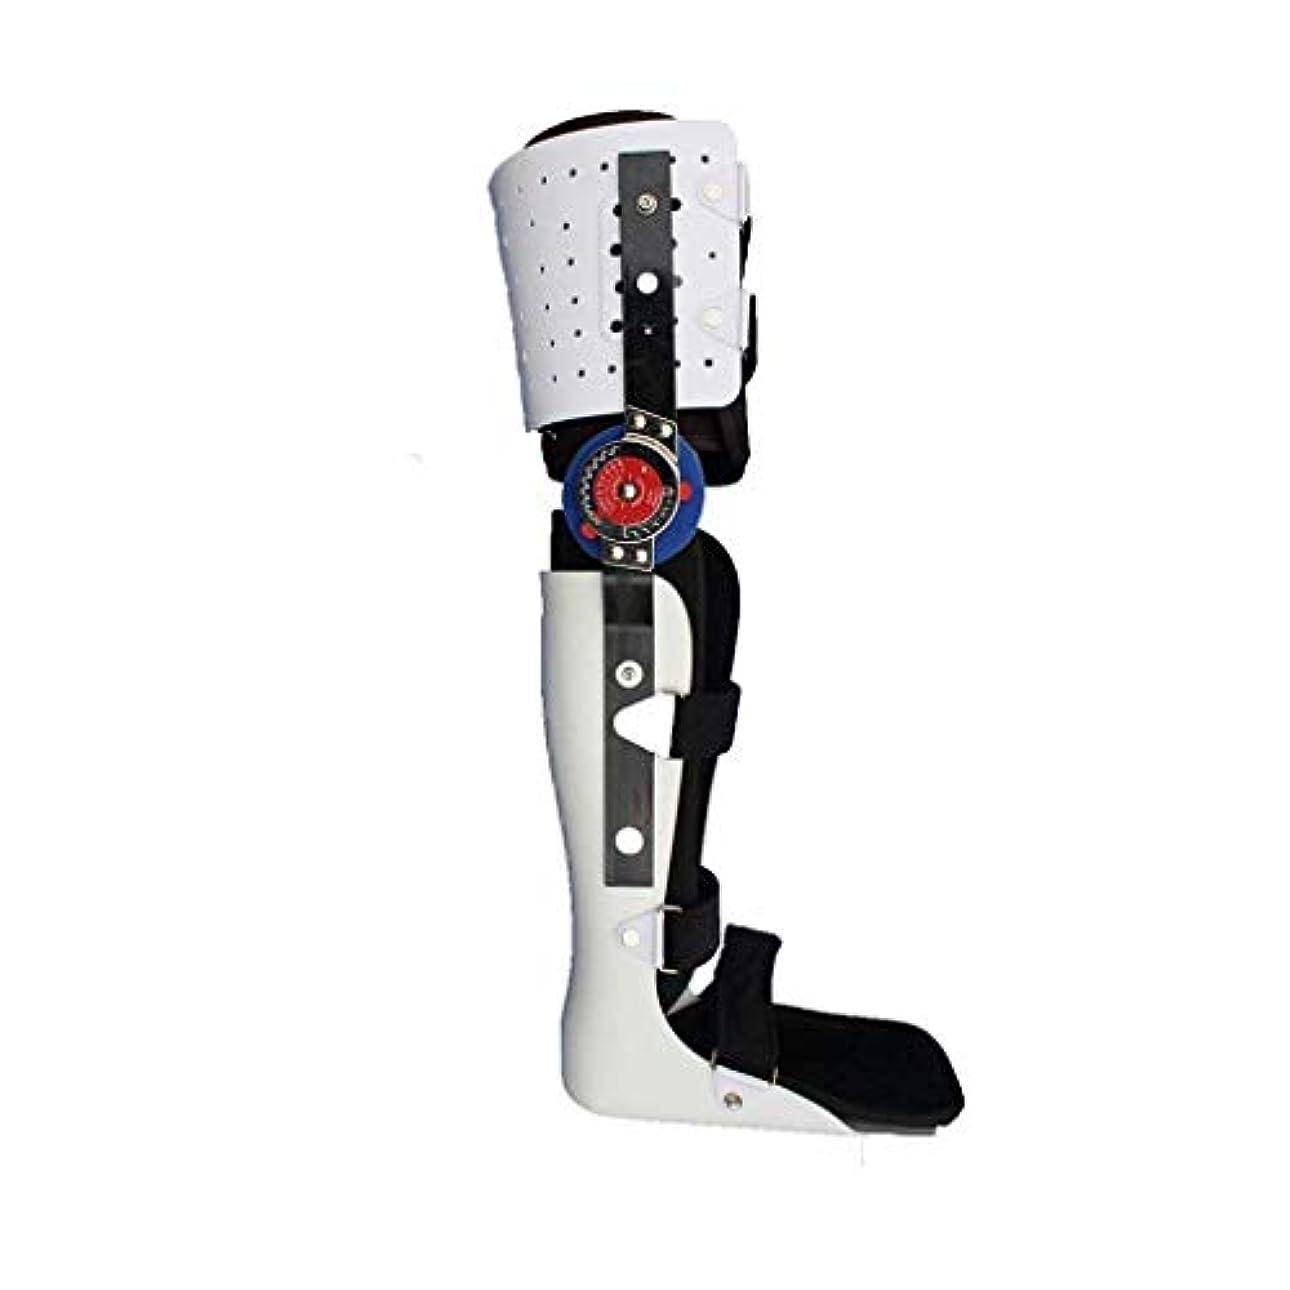 集団群がるロードされた下肢装具、ブレースウォーキング膝や足固定ブレース膝関節足首足Spportと下肢装具のサイズ(S/M/L) (Size : L)